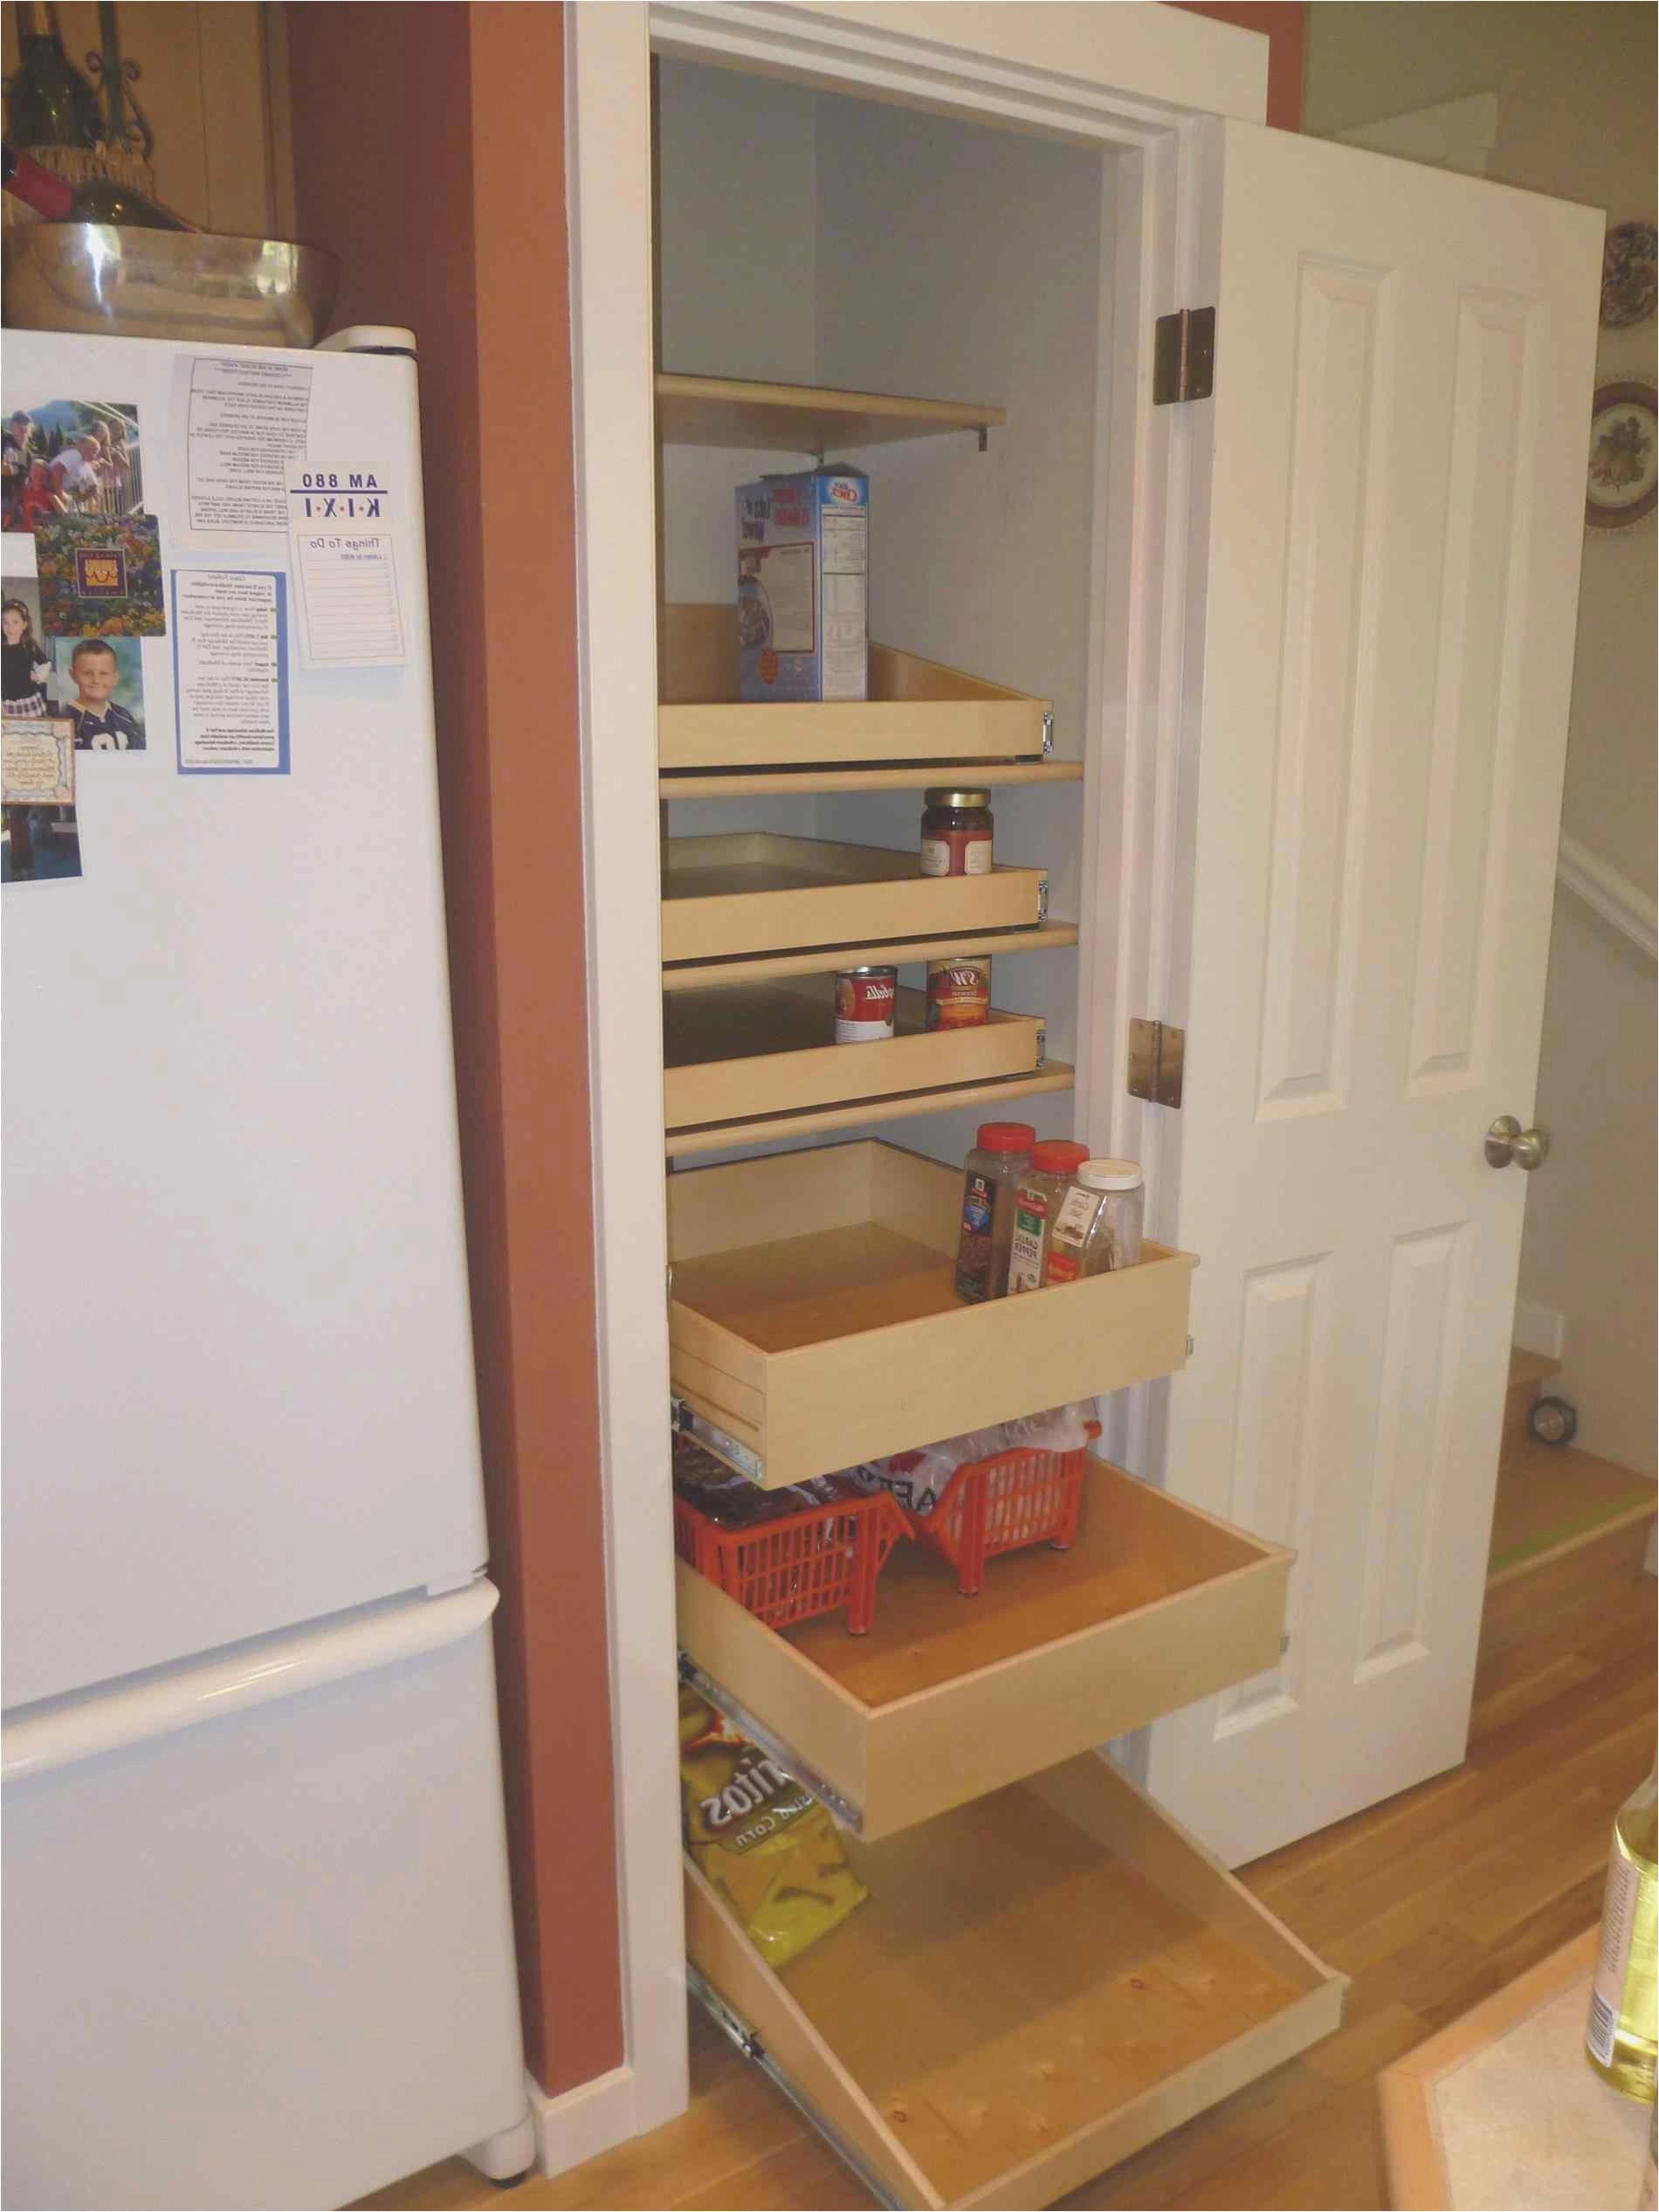 corner kitchen cabinet storage best kitchen ideas shelves neat from upper corner kitchen cabinet storage solutions image source mattrevors com